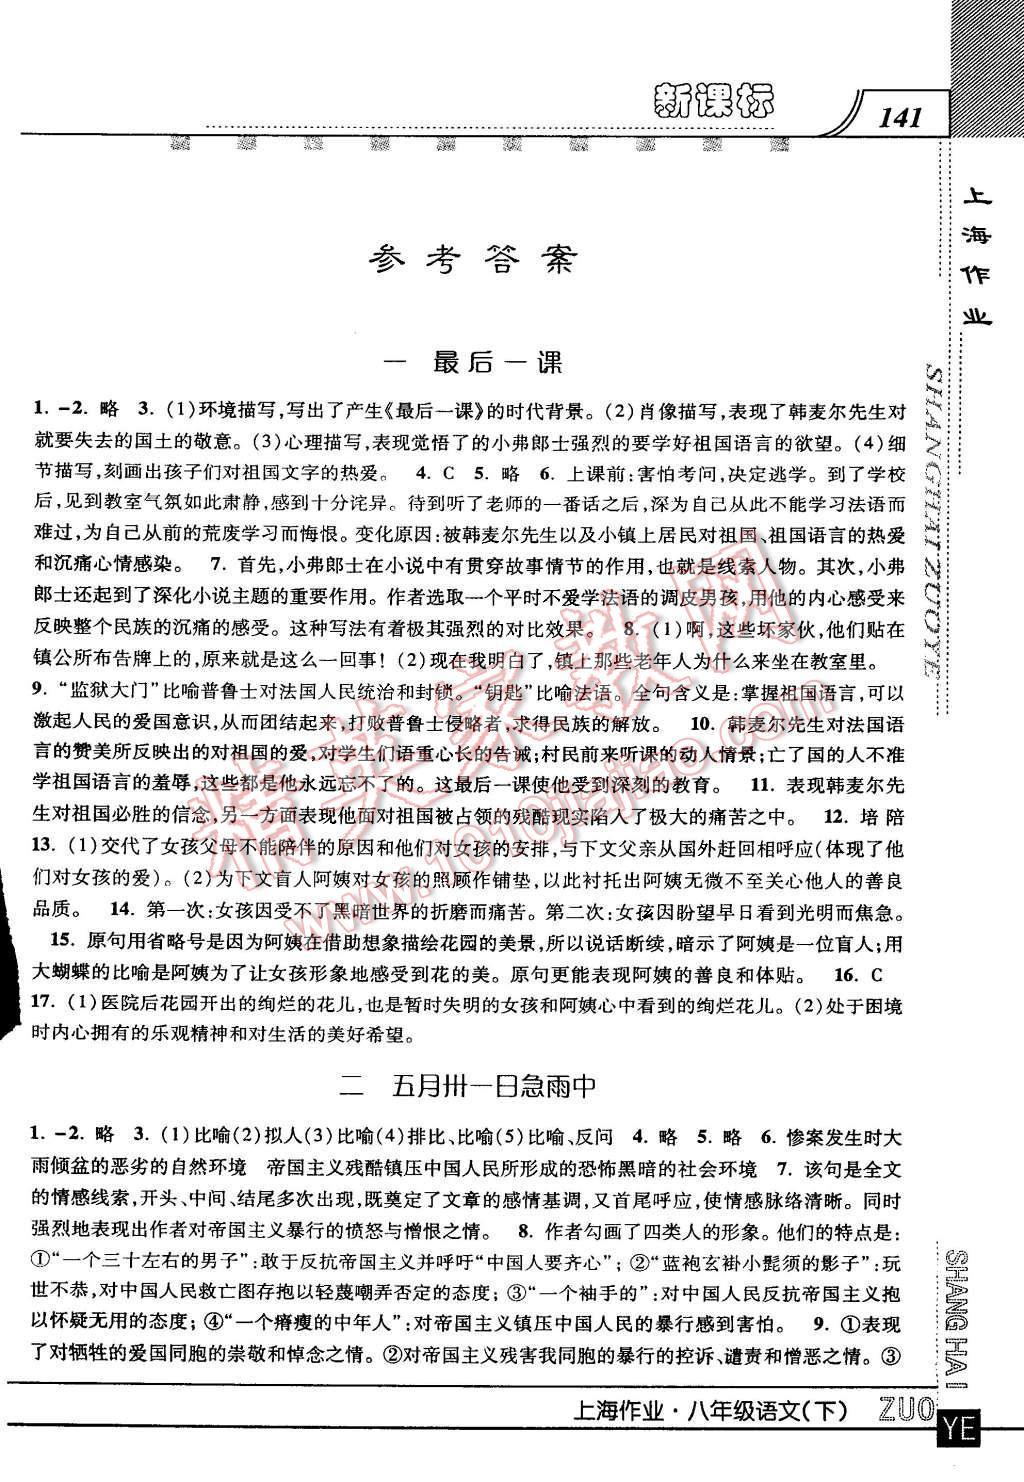 2016年上海作业八年级语文下册第1页